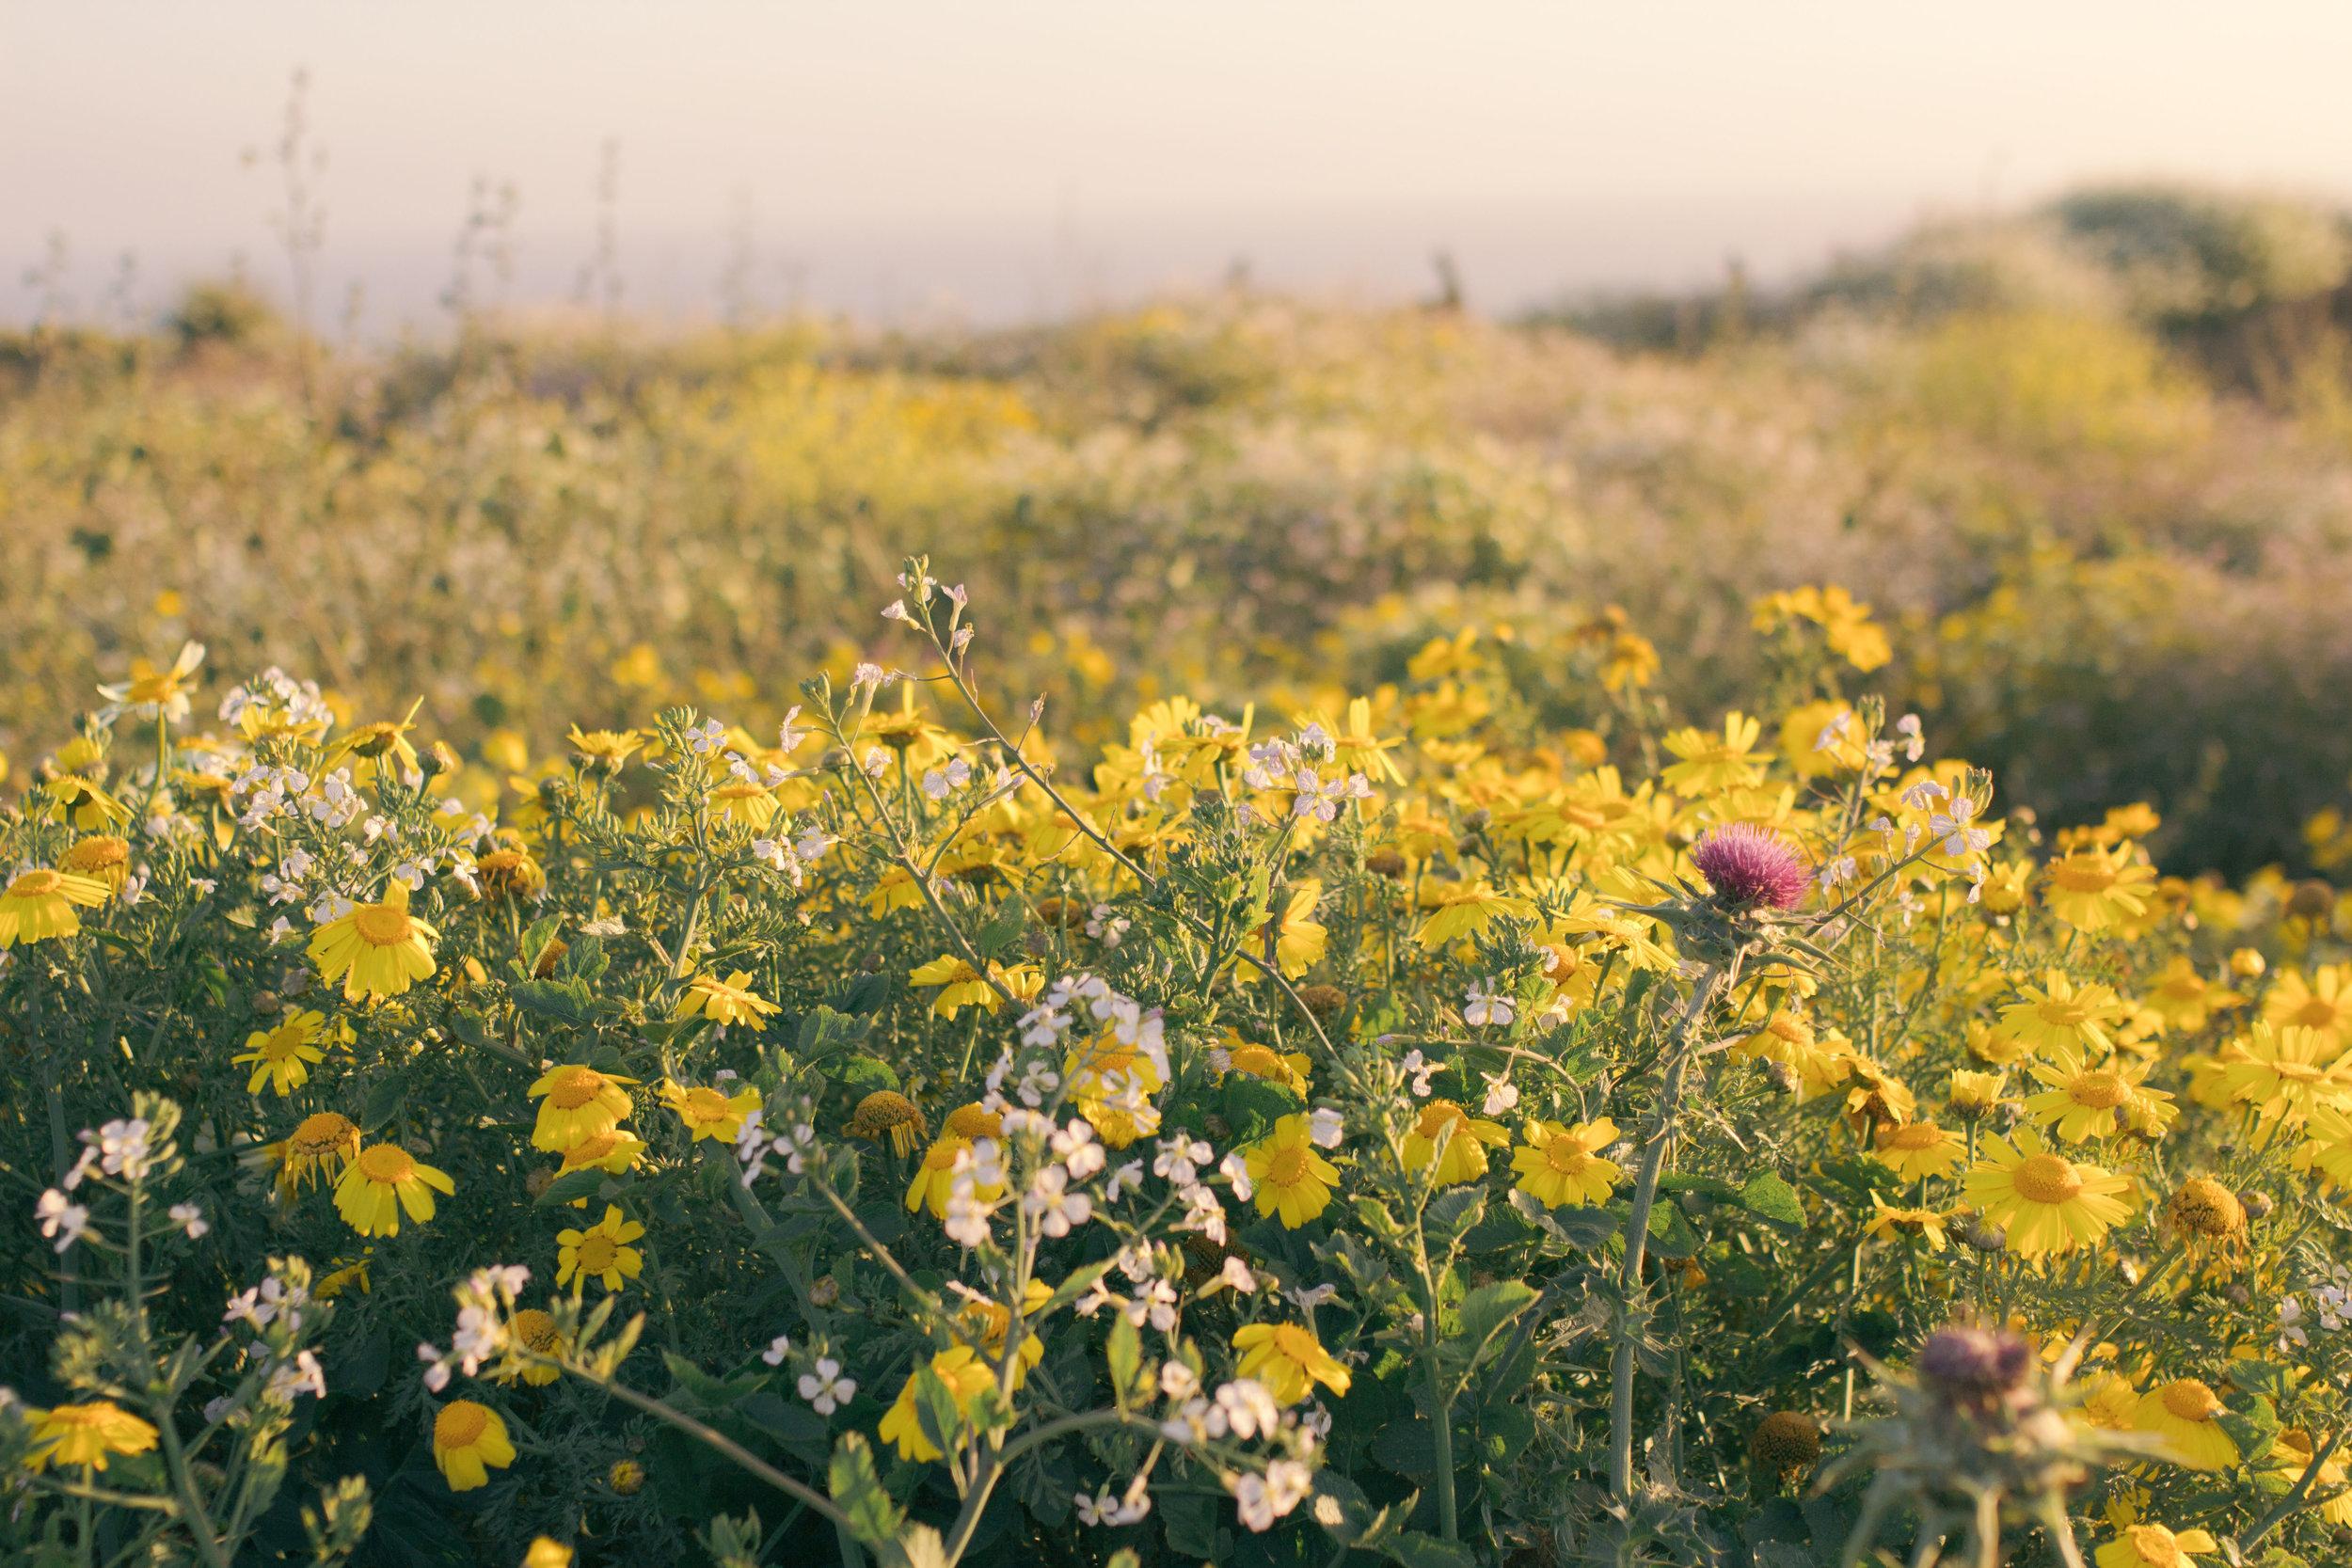 spring-summer 3594 (1 of 1).jpg